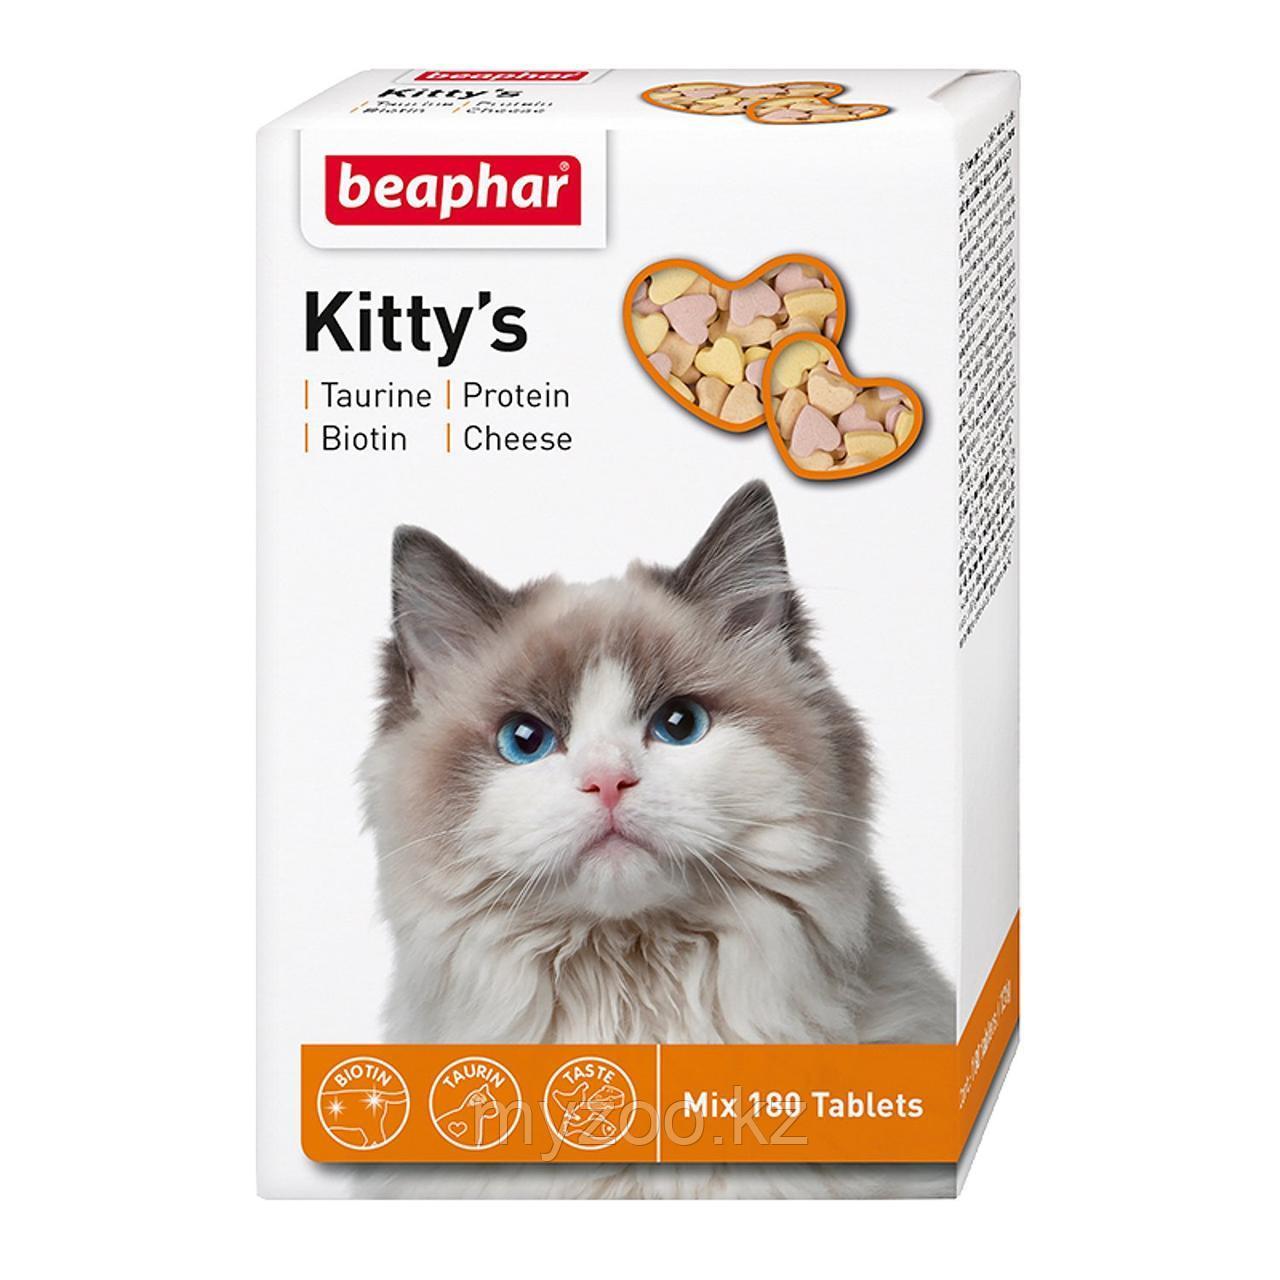 Beaphar Витамины Kitty's Mix, 180 |Беафар Киттис Микс таурин-биотин, протеин, сыр|